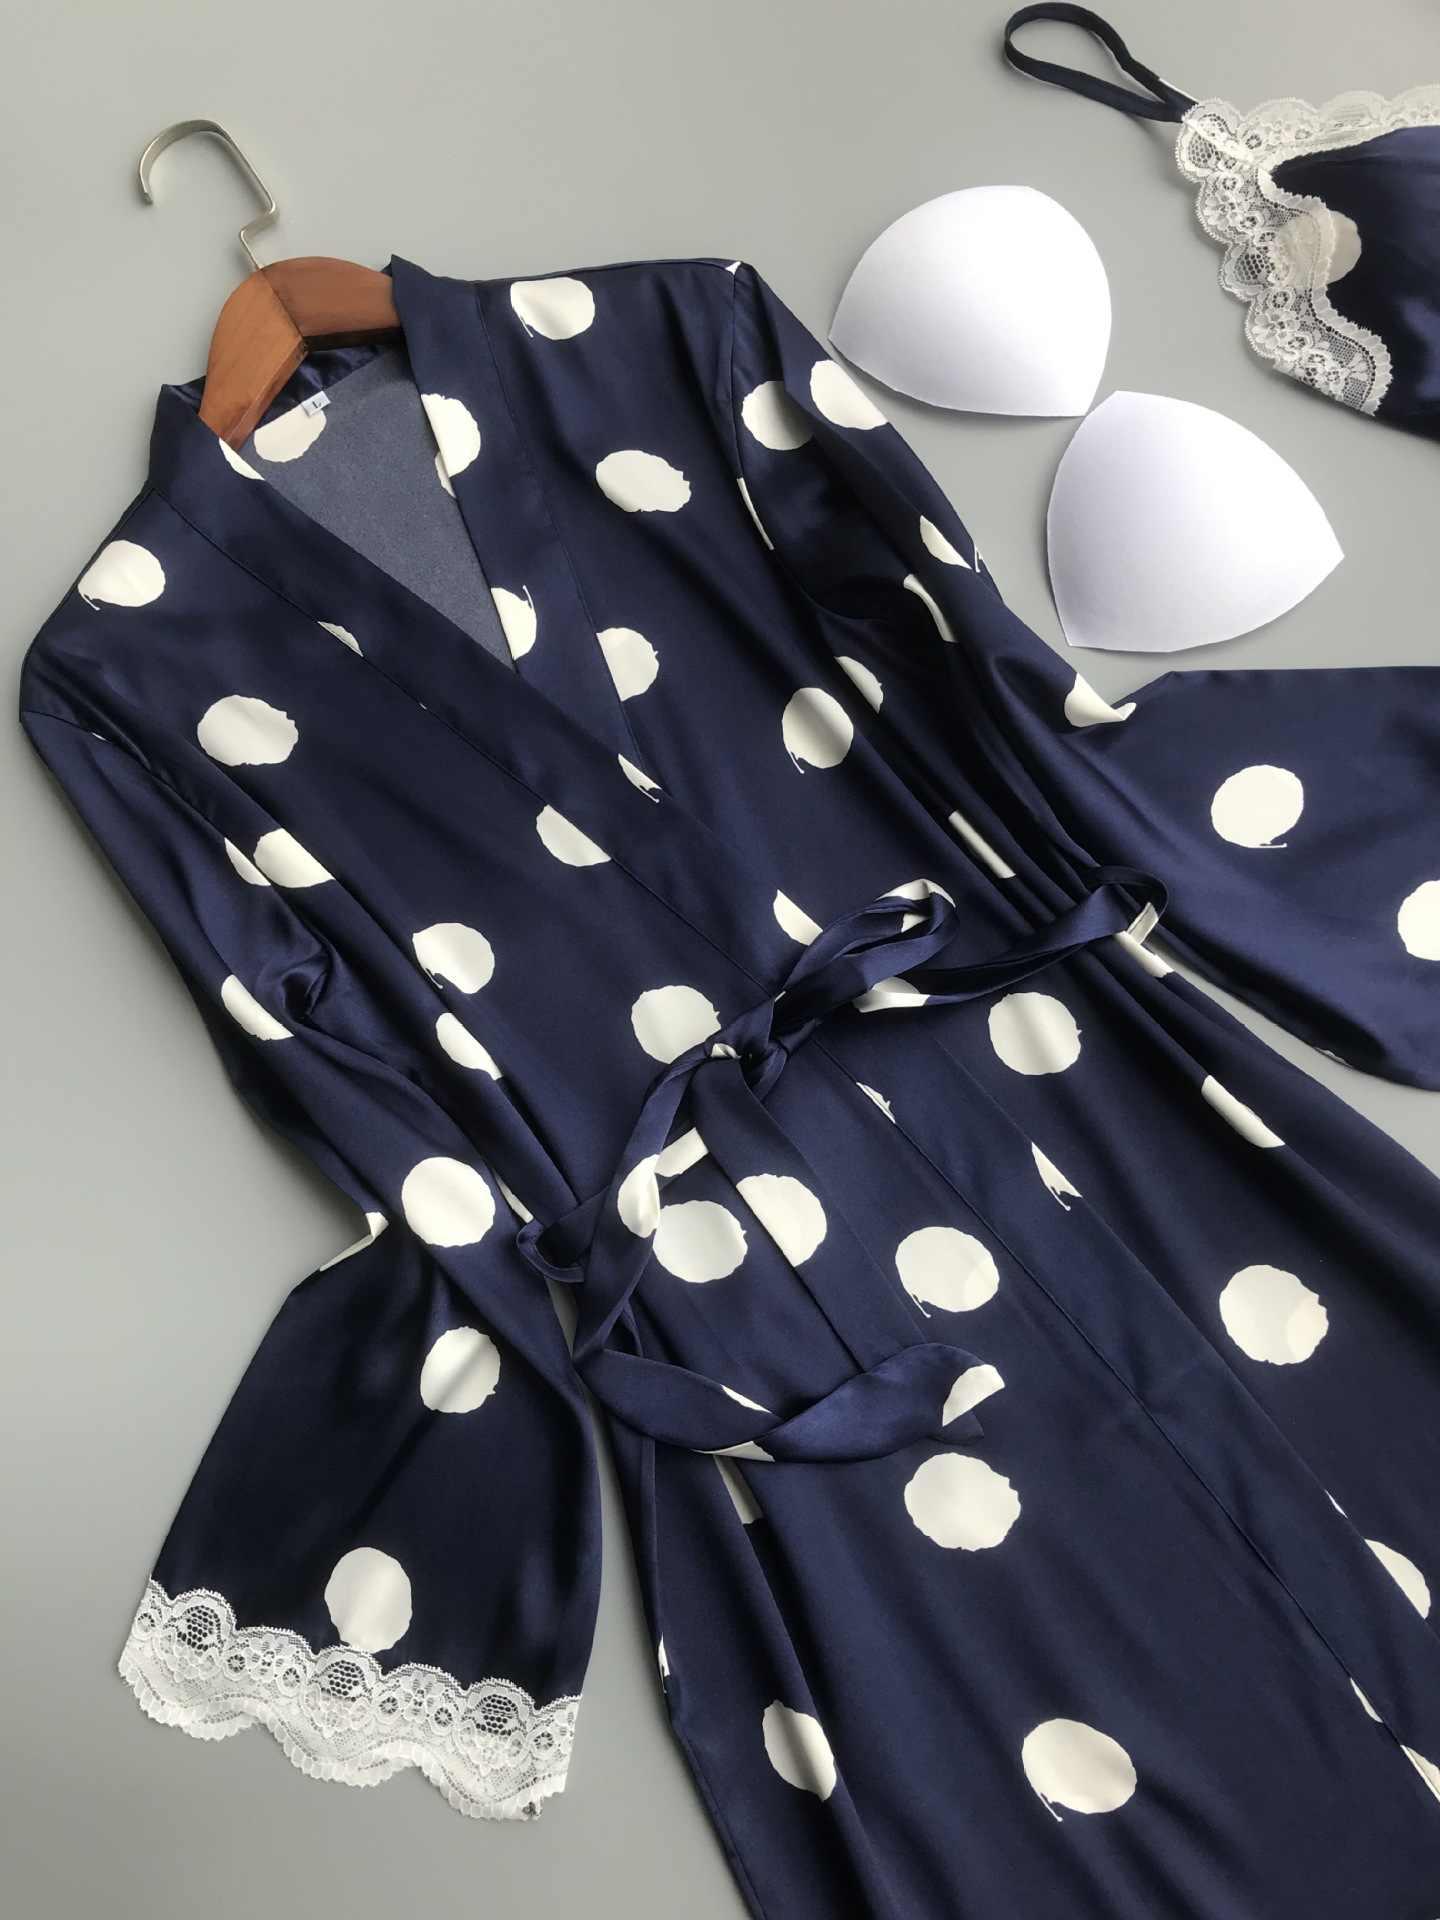 QWEEK Robe наборы Ночная одежда для сна женский халат комплекты кружевное шелковое платье Ночная рубашка для женщин кимоно Женская пижама сексуальная одежда